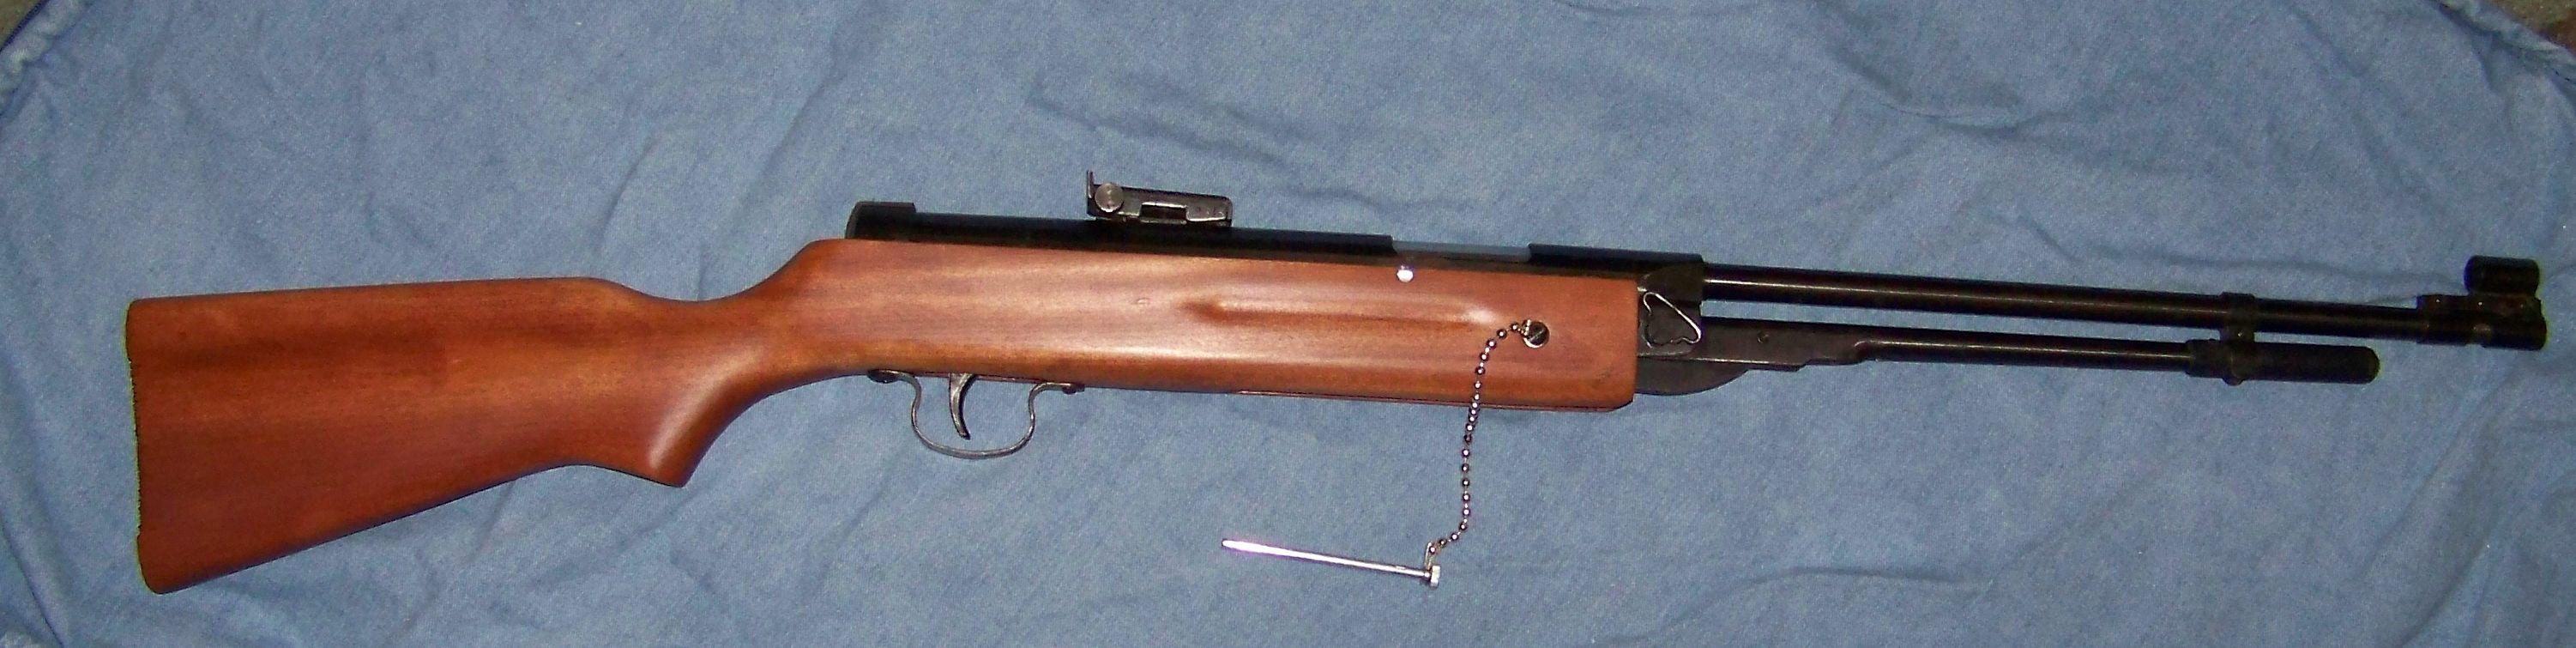 Add a breech safety to a cheap Chinese pellet gun